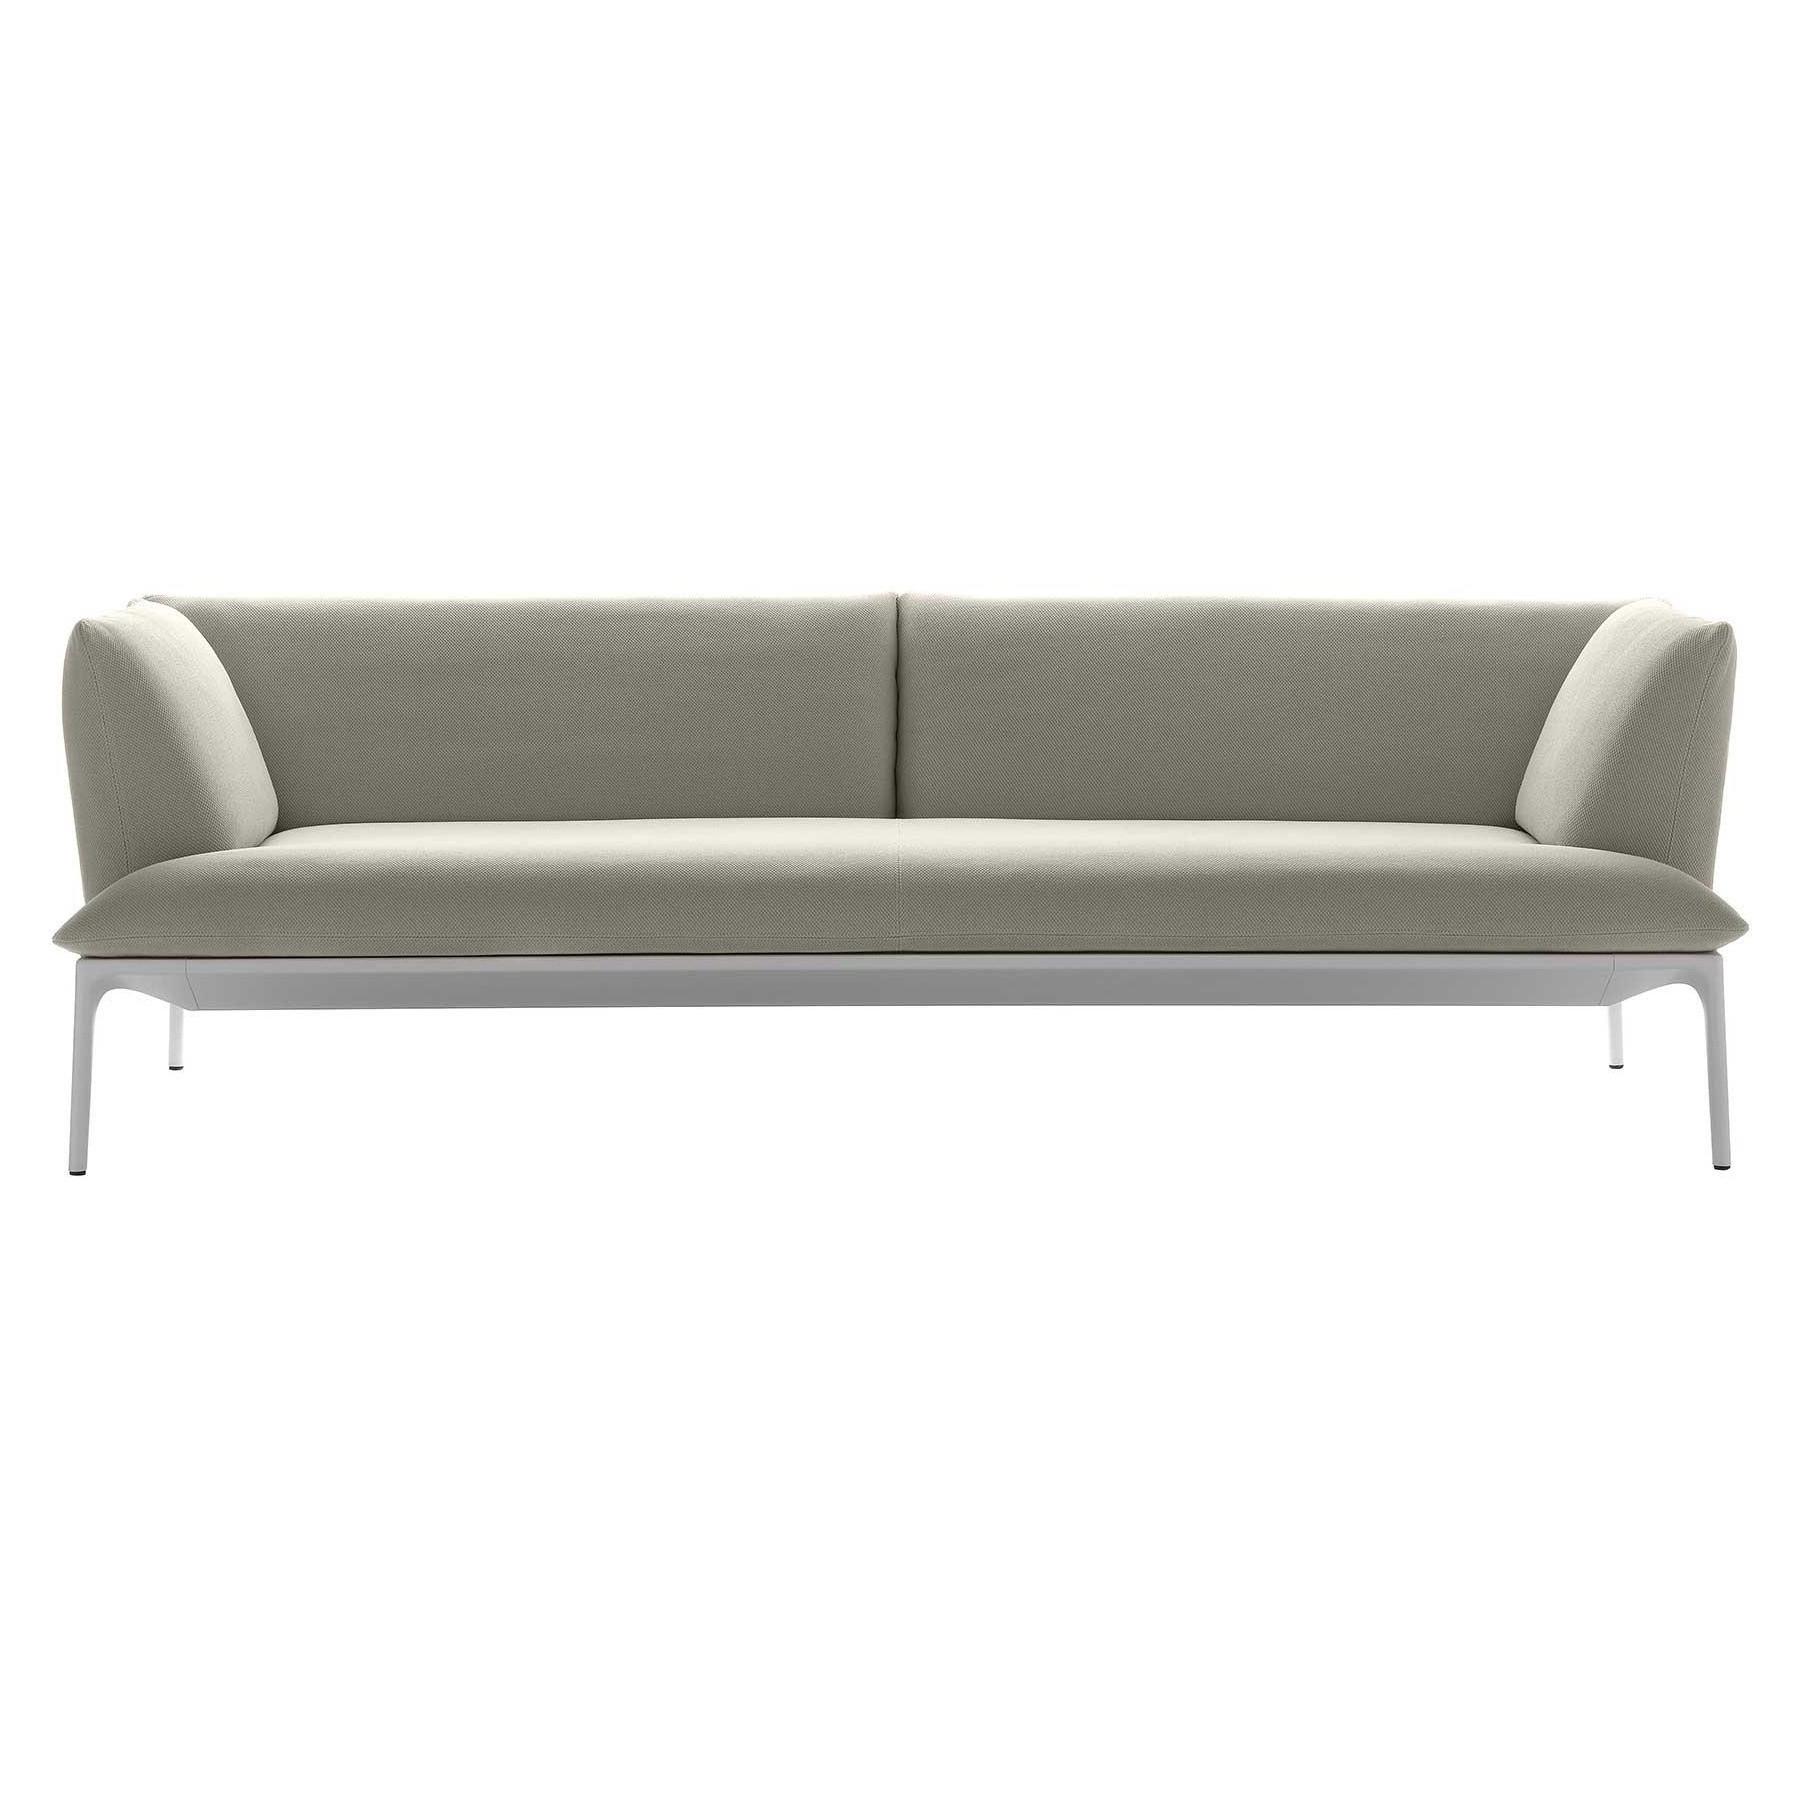 Sofas De 4 Plazas Etdg Mdf Italia Yale S4 sofà De 4 Plazas Ambientedirect